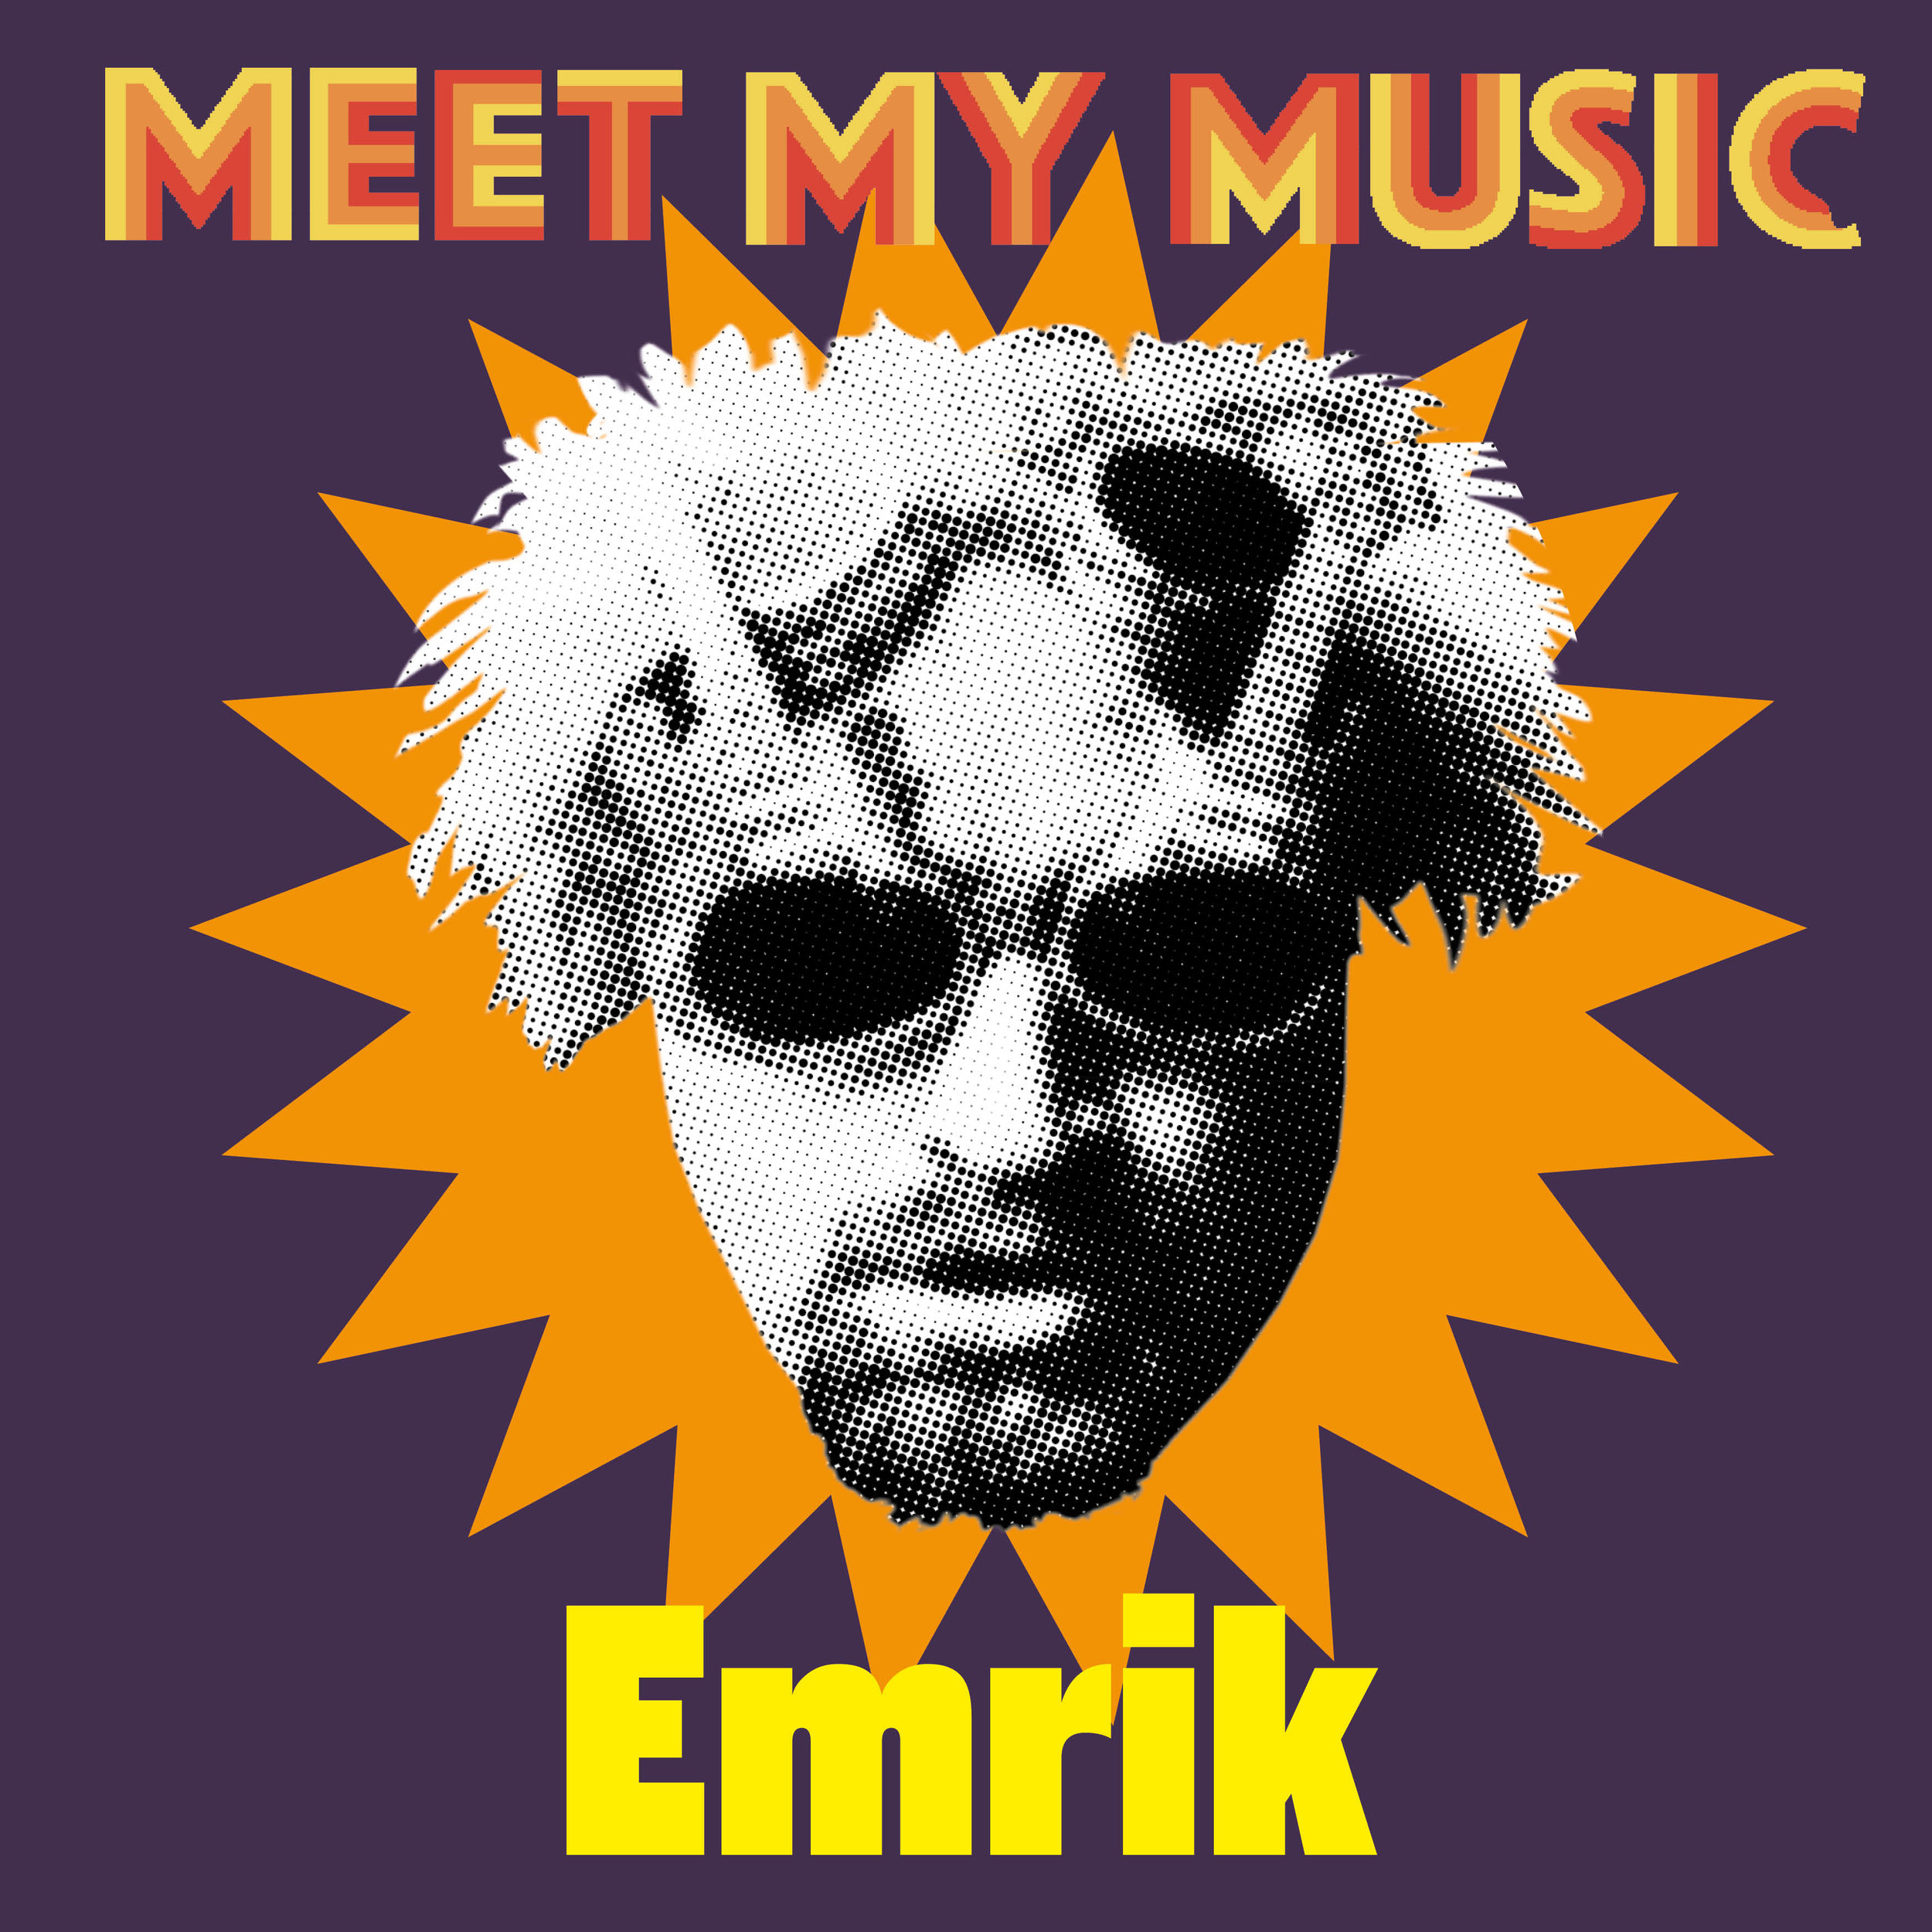 Meet my music Emrik.jpg